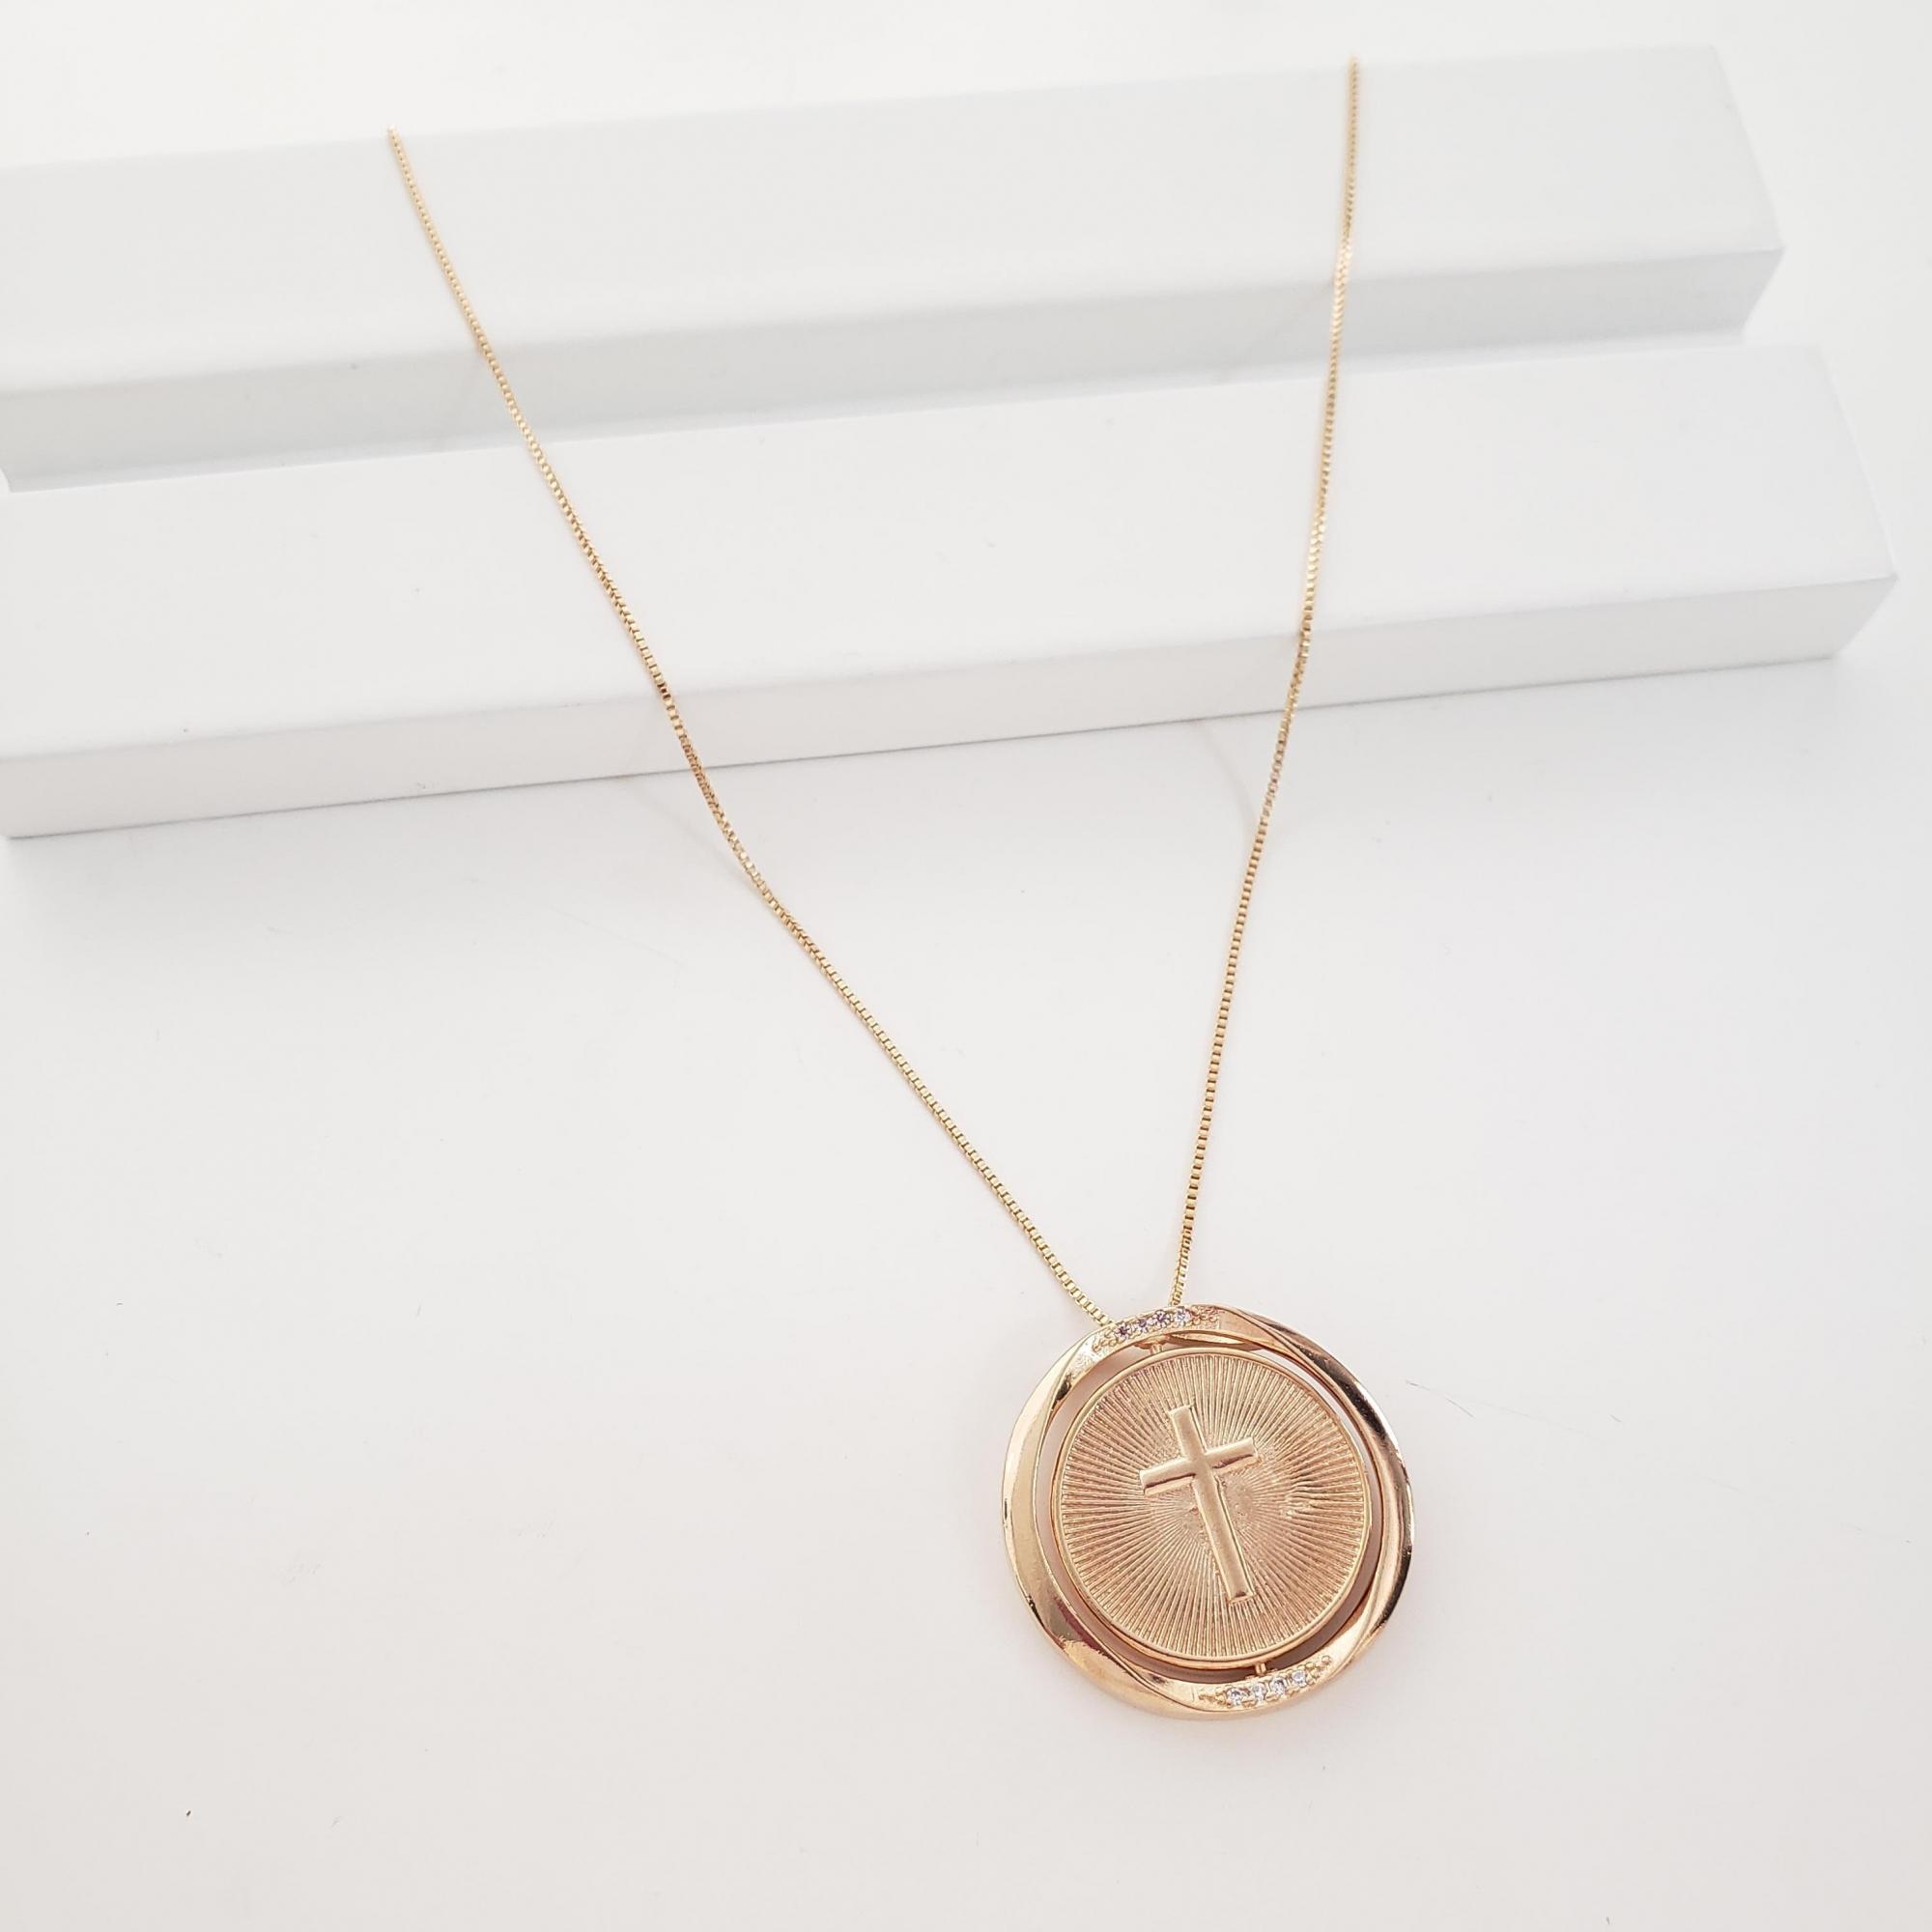 Corrente Veneziana com Medalha Giratório Cruz e Divino no Banho Ouro 18k Semijoia